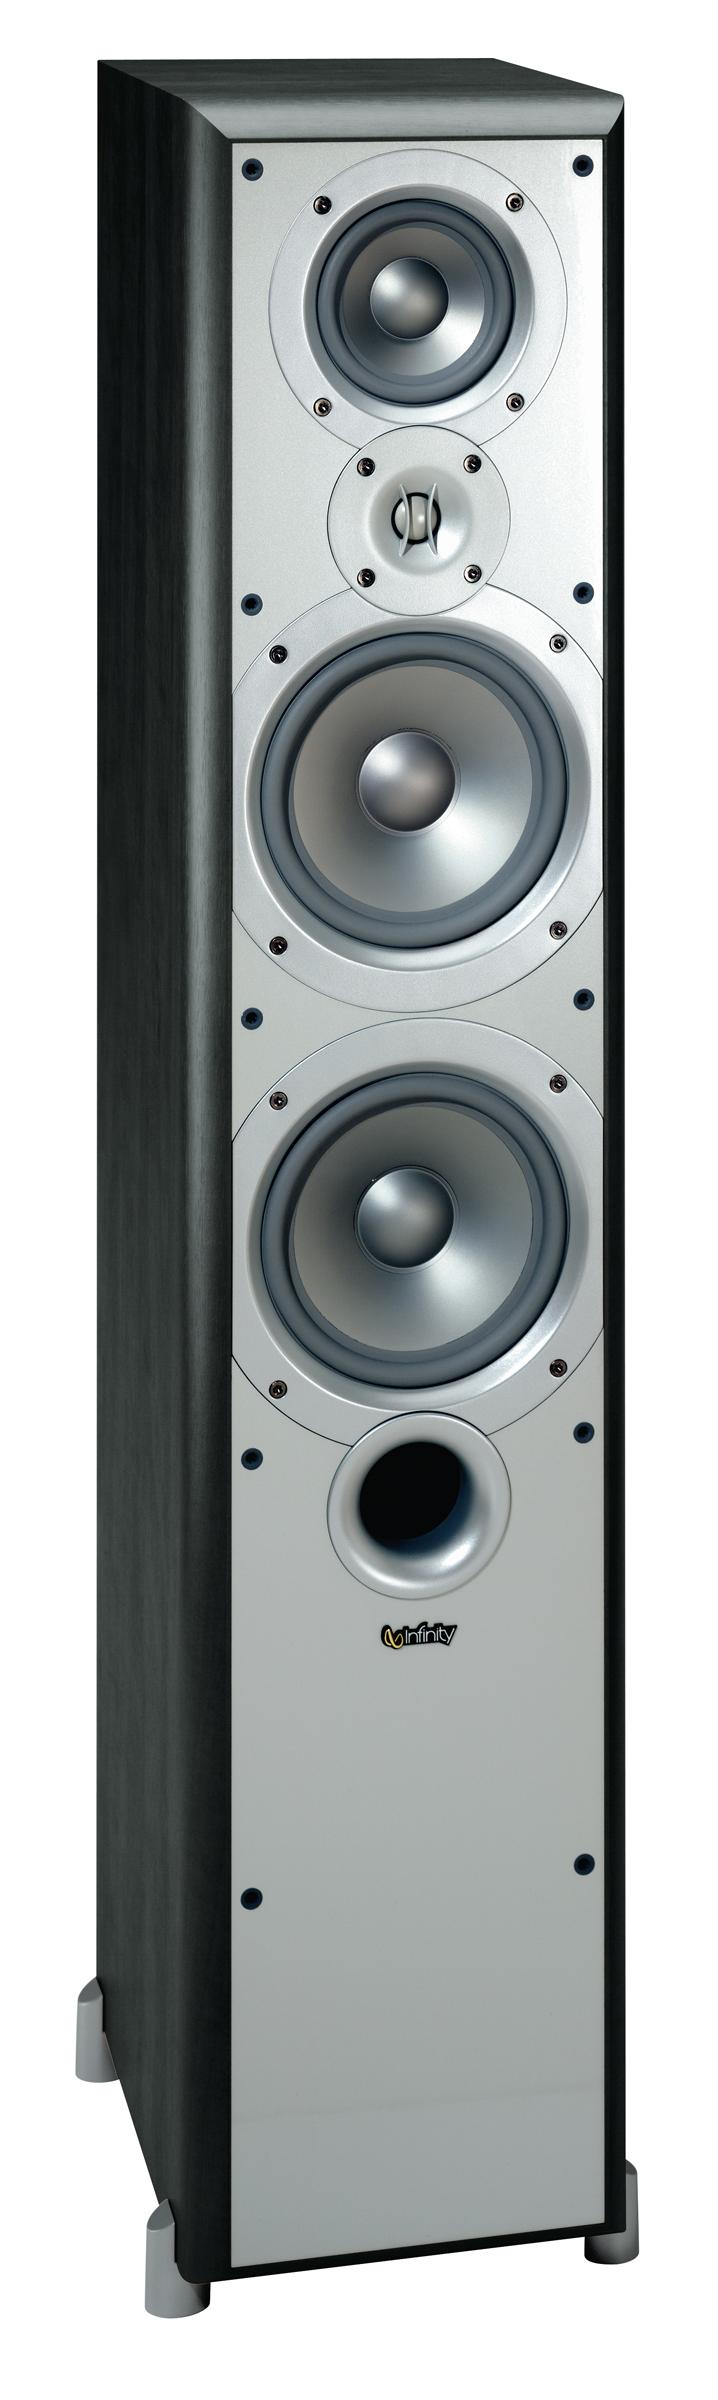 Infinity P362 3way Dual 6 5 Quot Floorstanding Loud Speaker Ebay